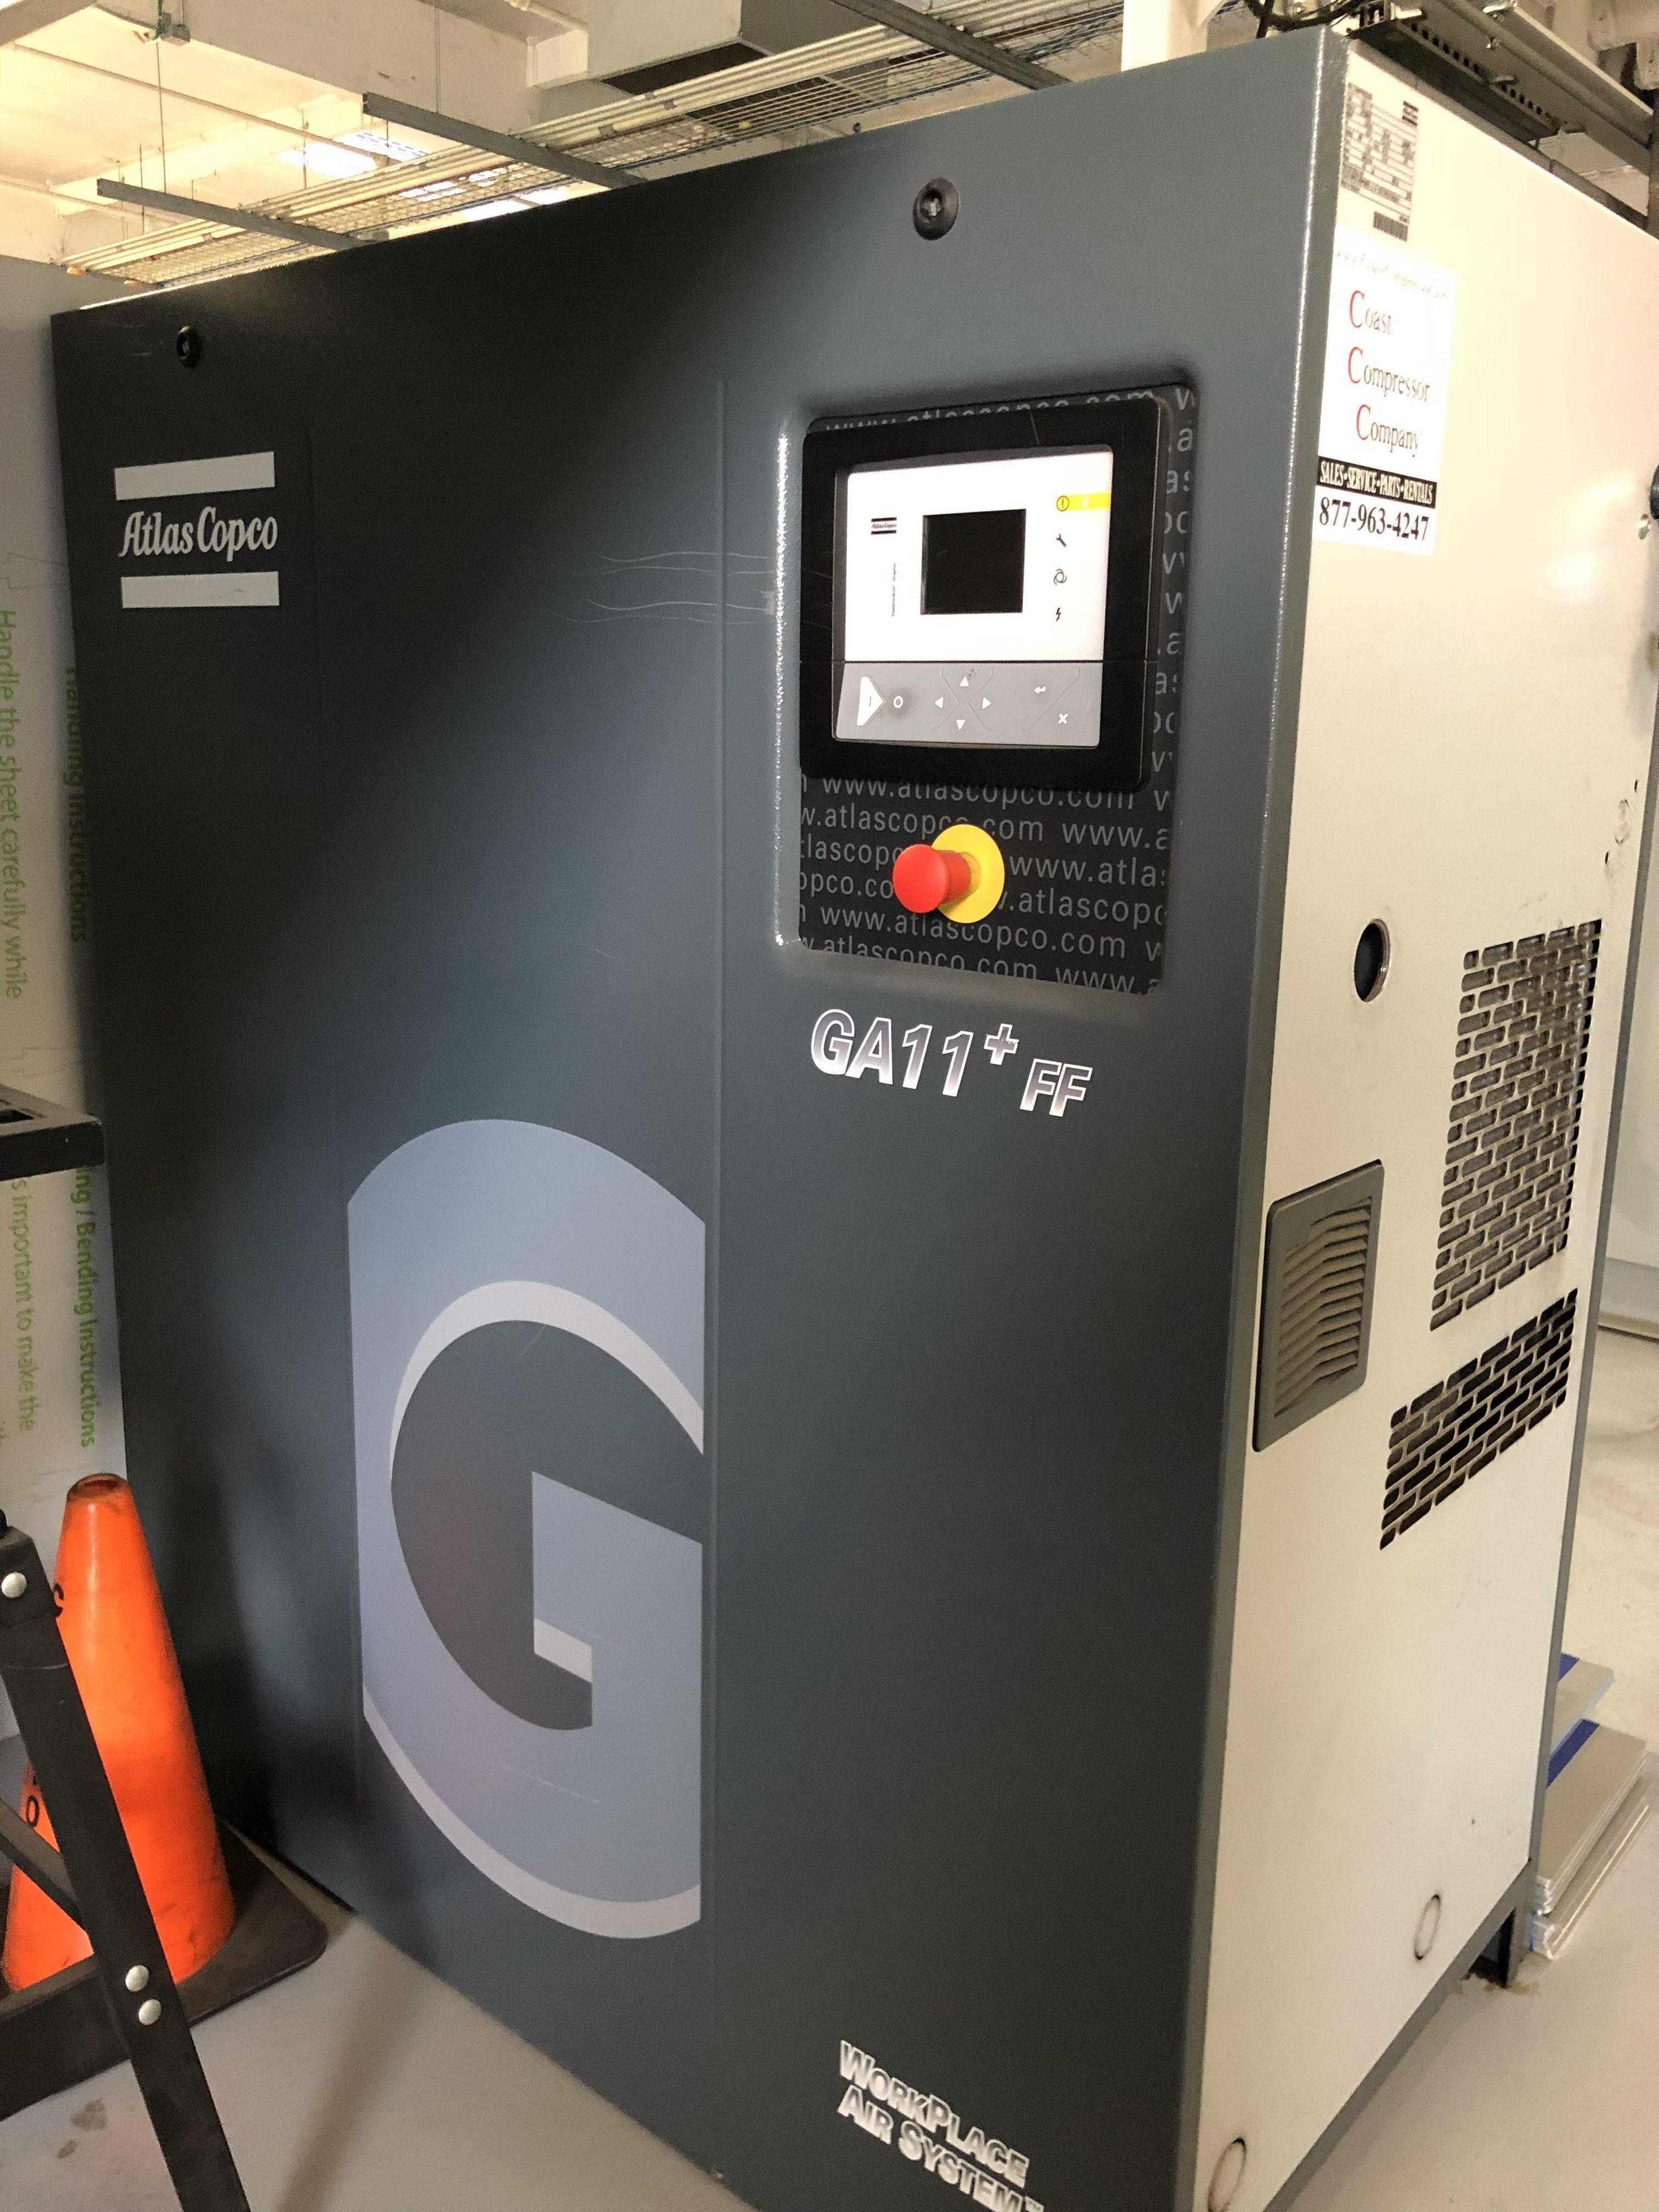 ATLAS COPCO GA11+FF 15HP AIR COMPRESSOR - Digital Equipment